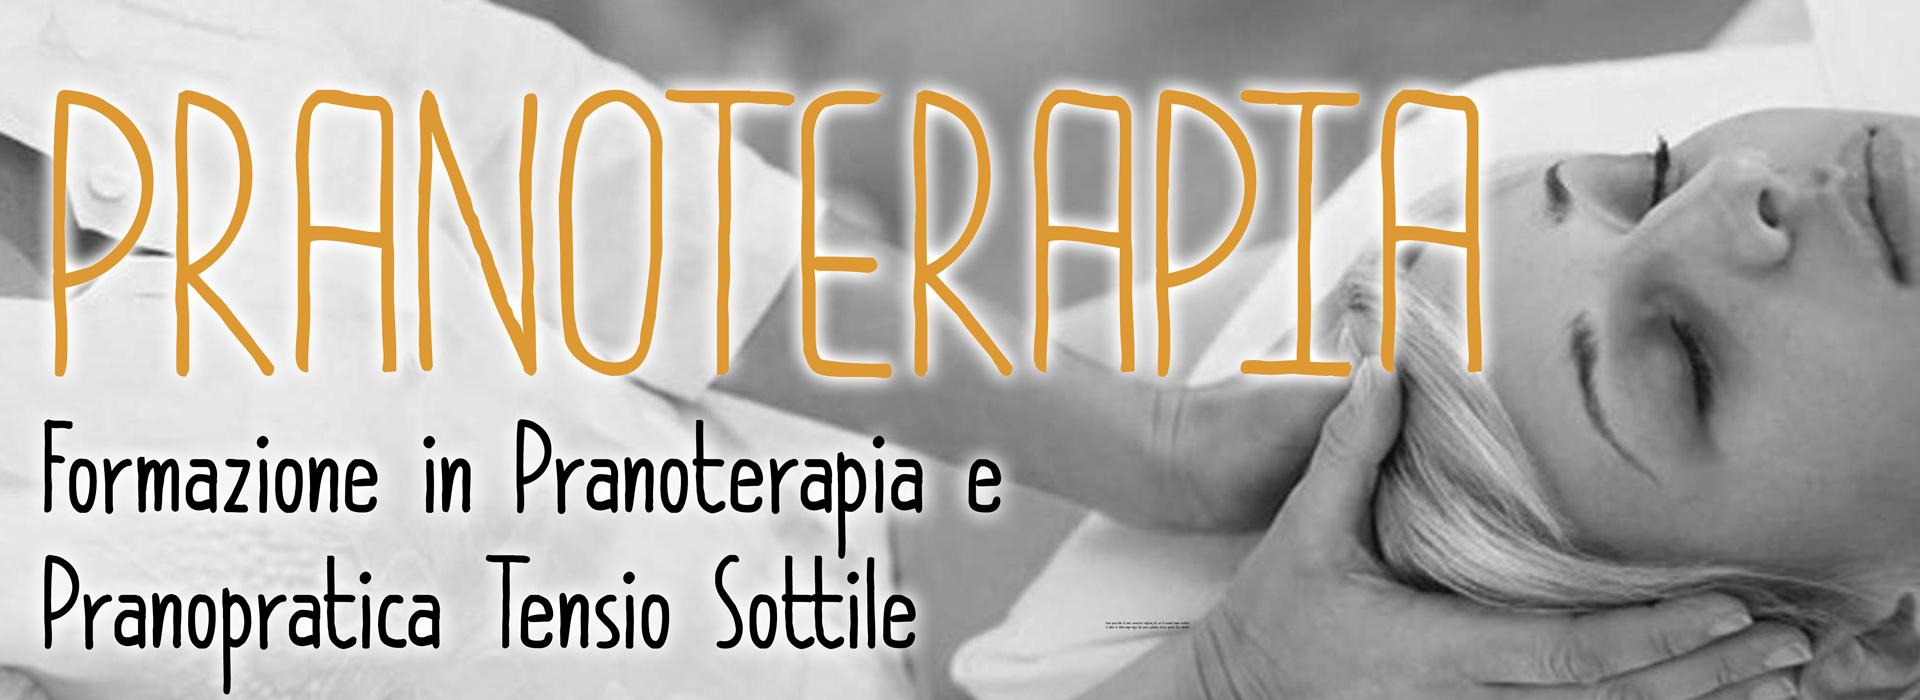 Corsi di Pranoterapia accademia olistica università scuola hamors Jesolo san donà di piave veneto italiana certificata ufficiale